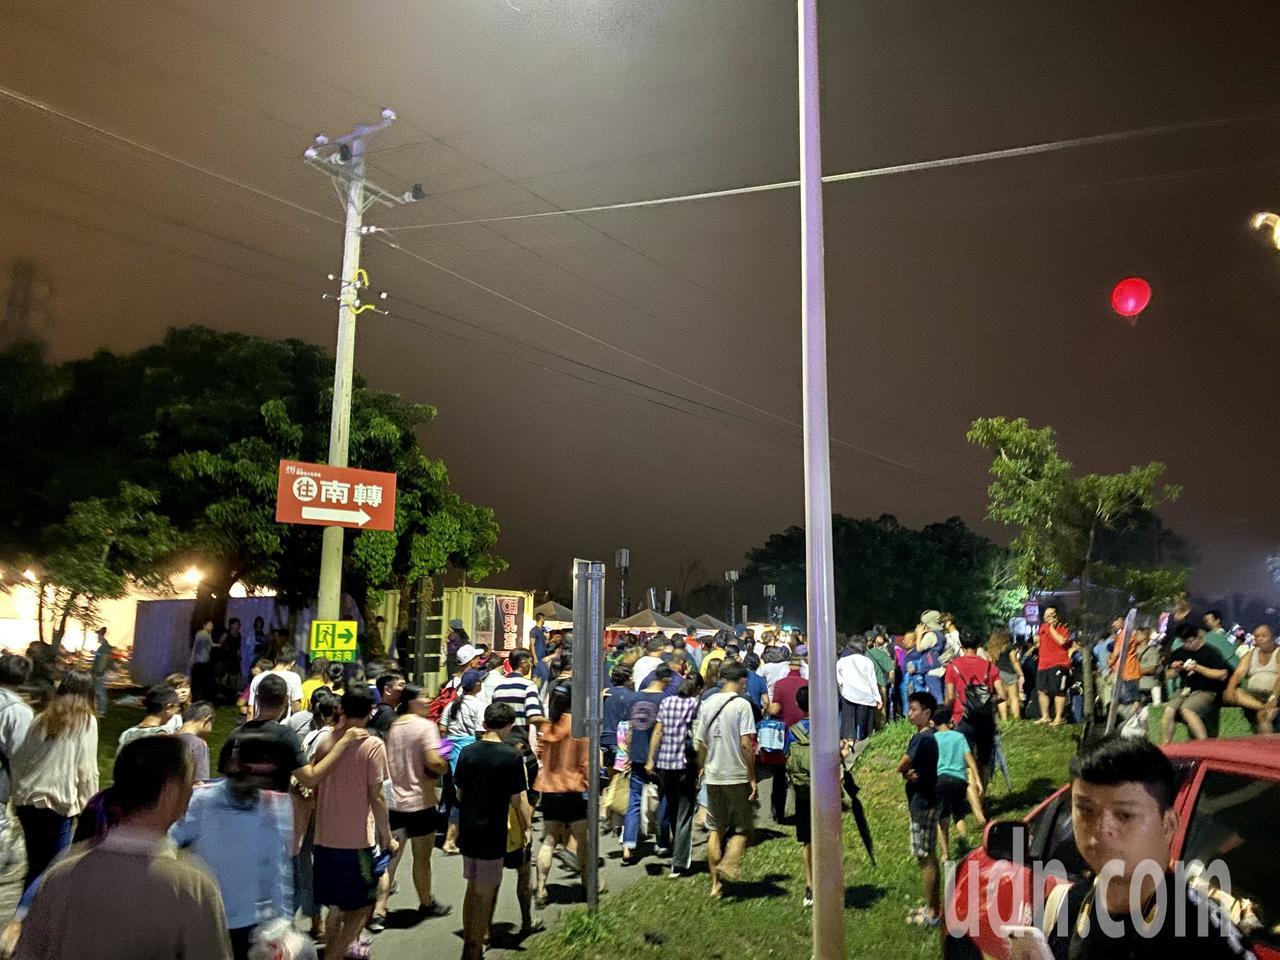 國慶焰火放不到一半,就有不少民眾開始陸續往轉運站方向移動。記者江國豪/攝影